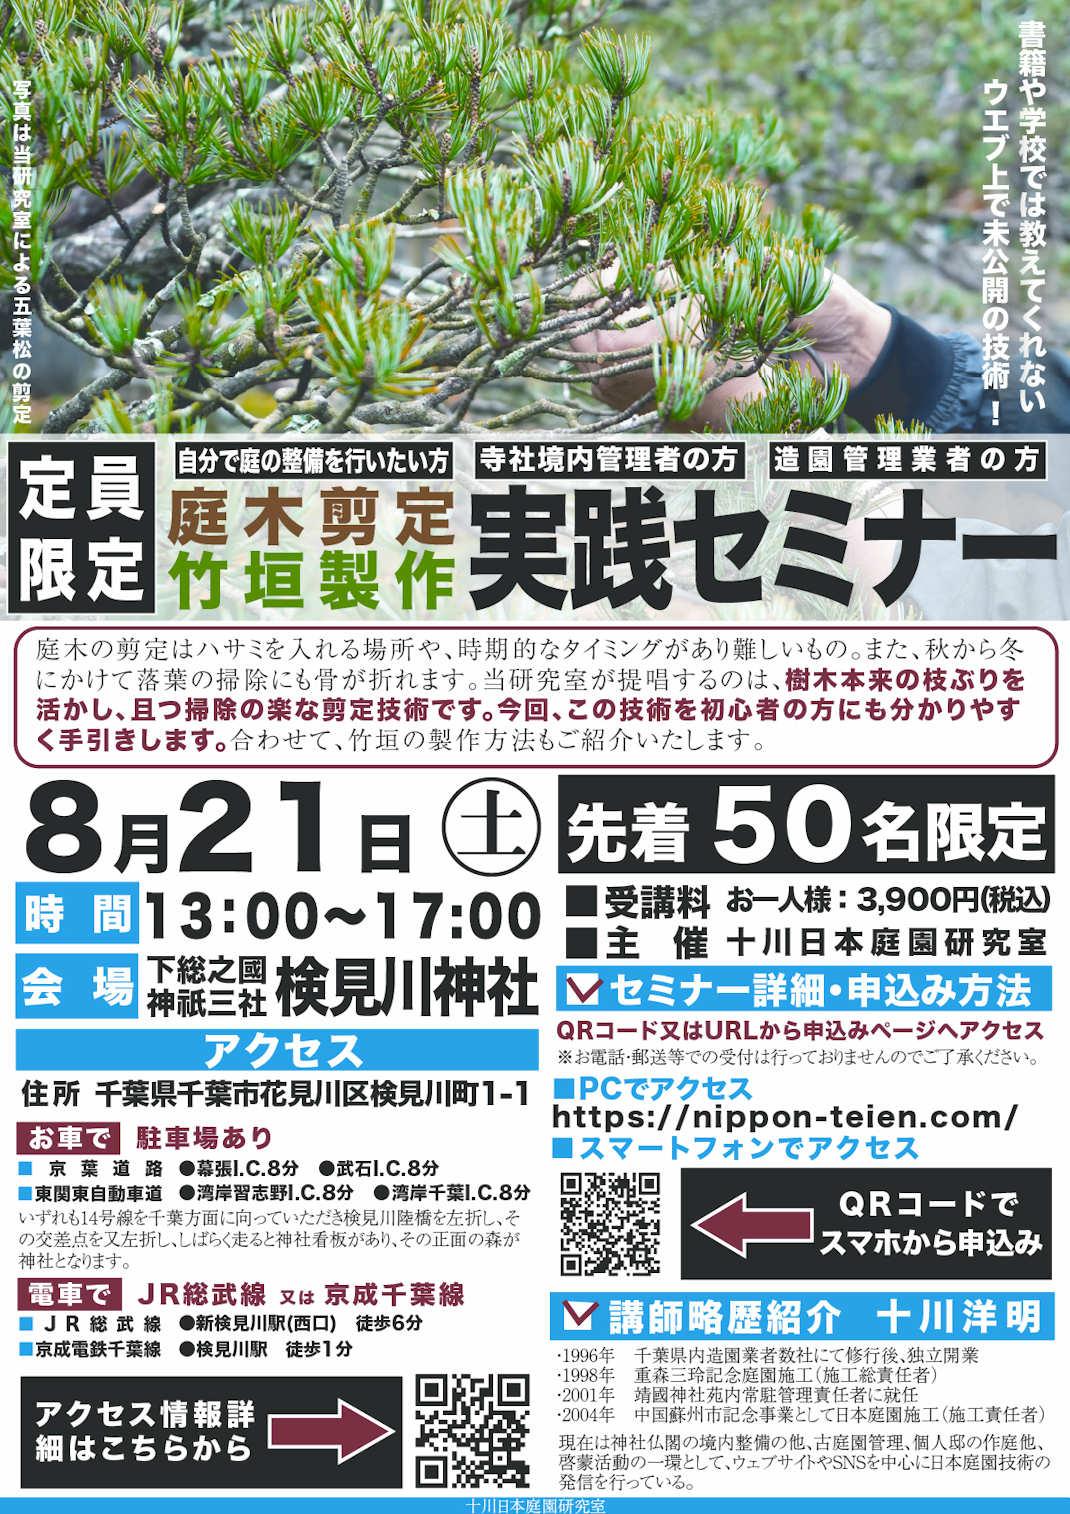 庭木選定・竹垣製作実践セミナー 令和3年8月21日開催